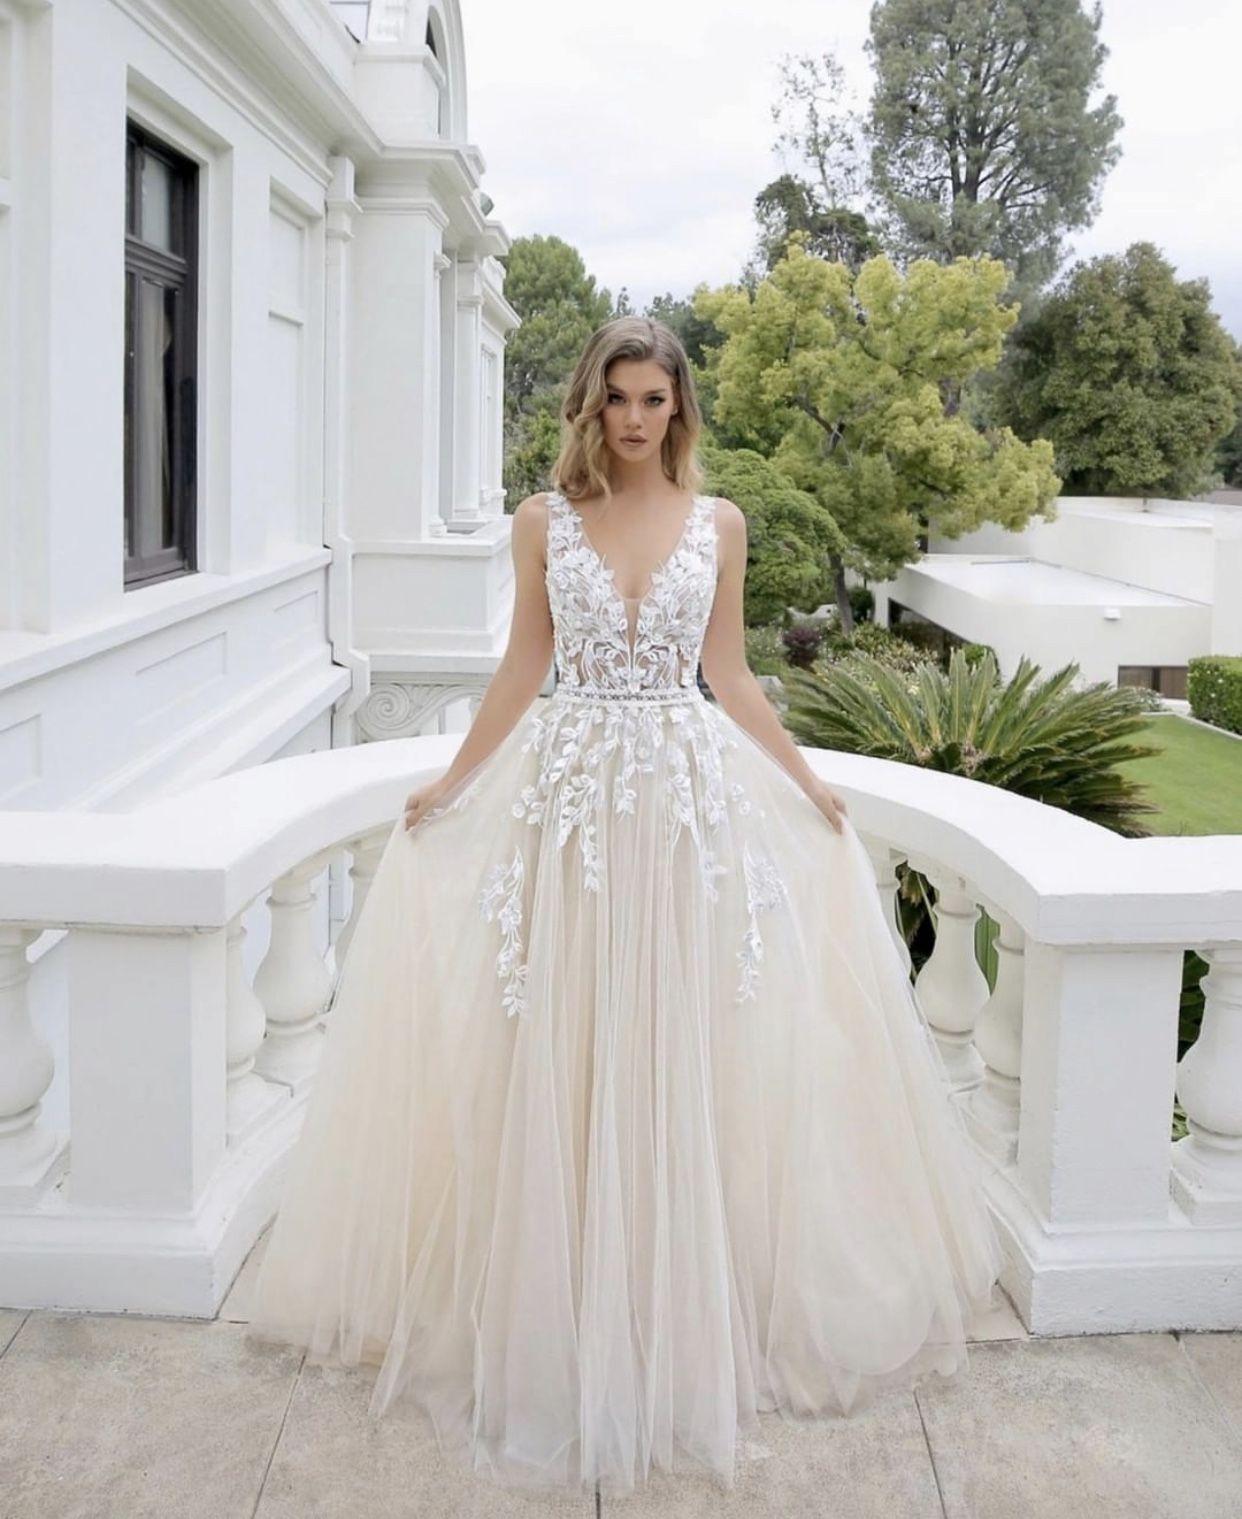 Stunning Wedding dress  Brautmode, Kleider hochzeit, Hochzeitskleid